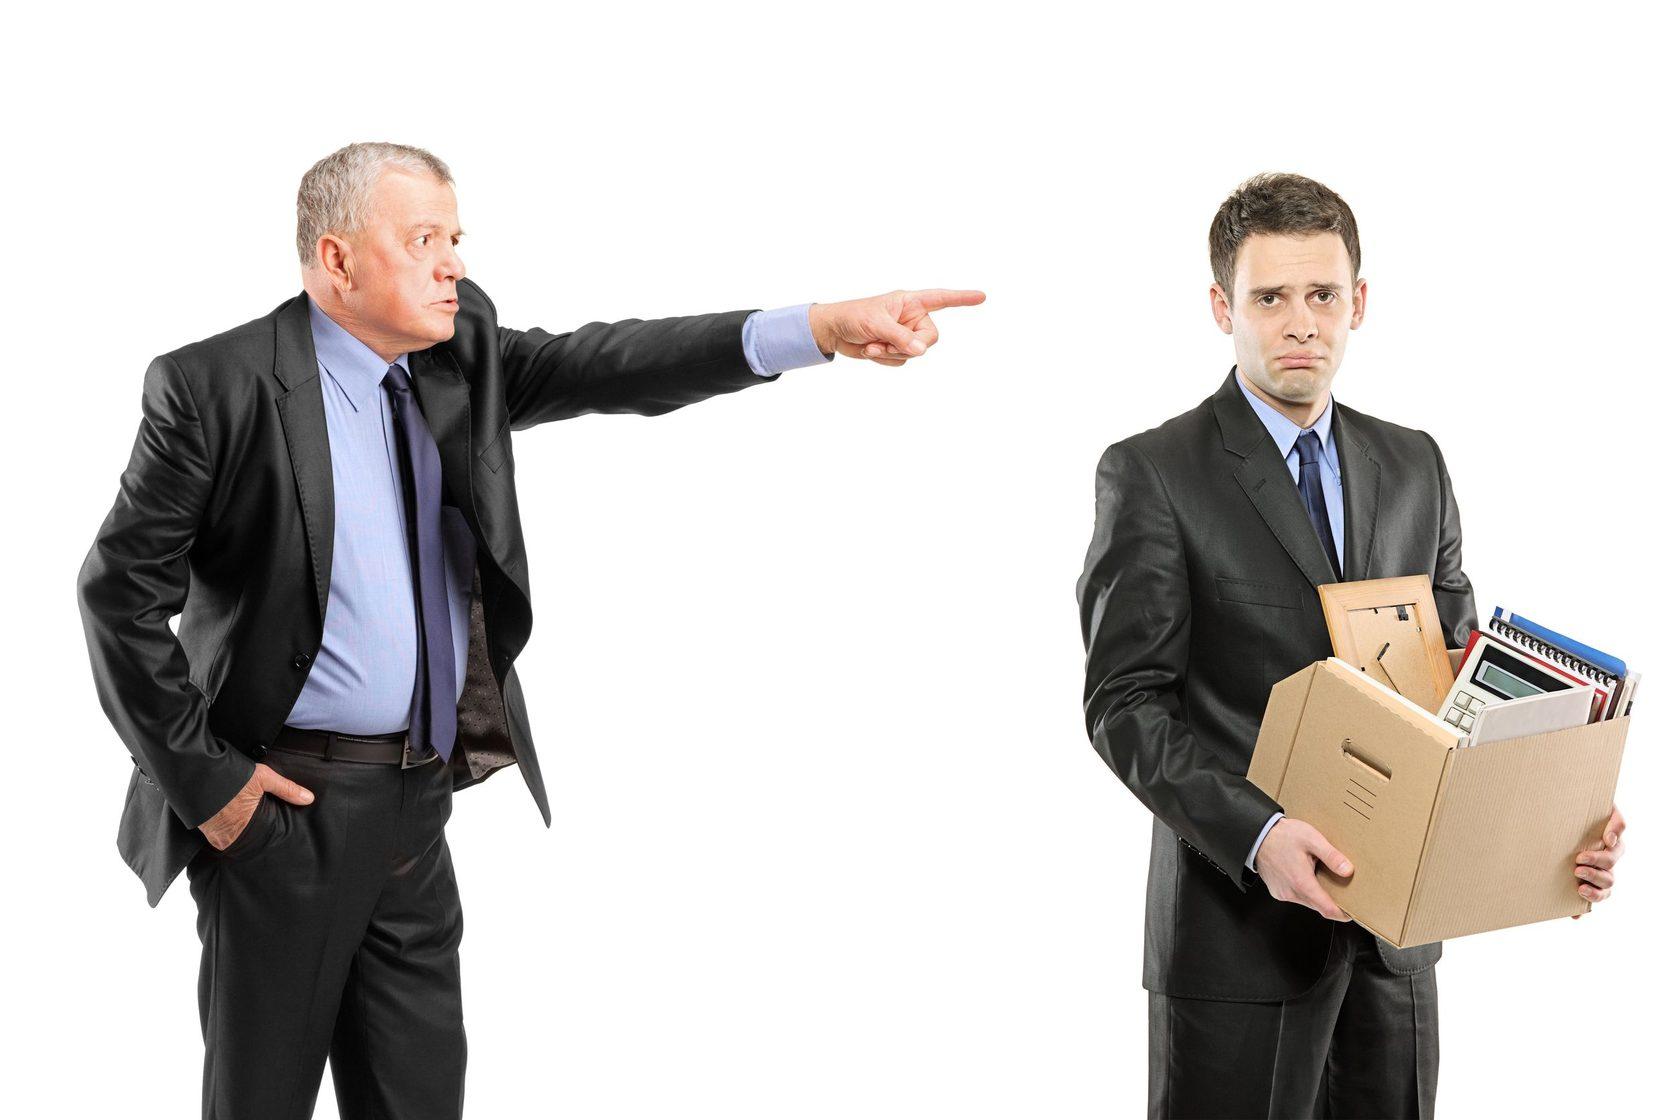 незаконное увольнение, адвокат запорожье